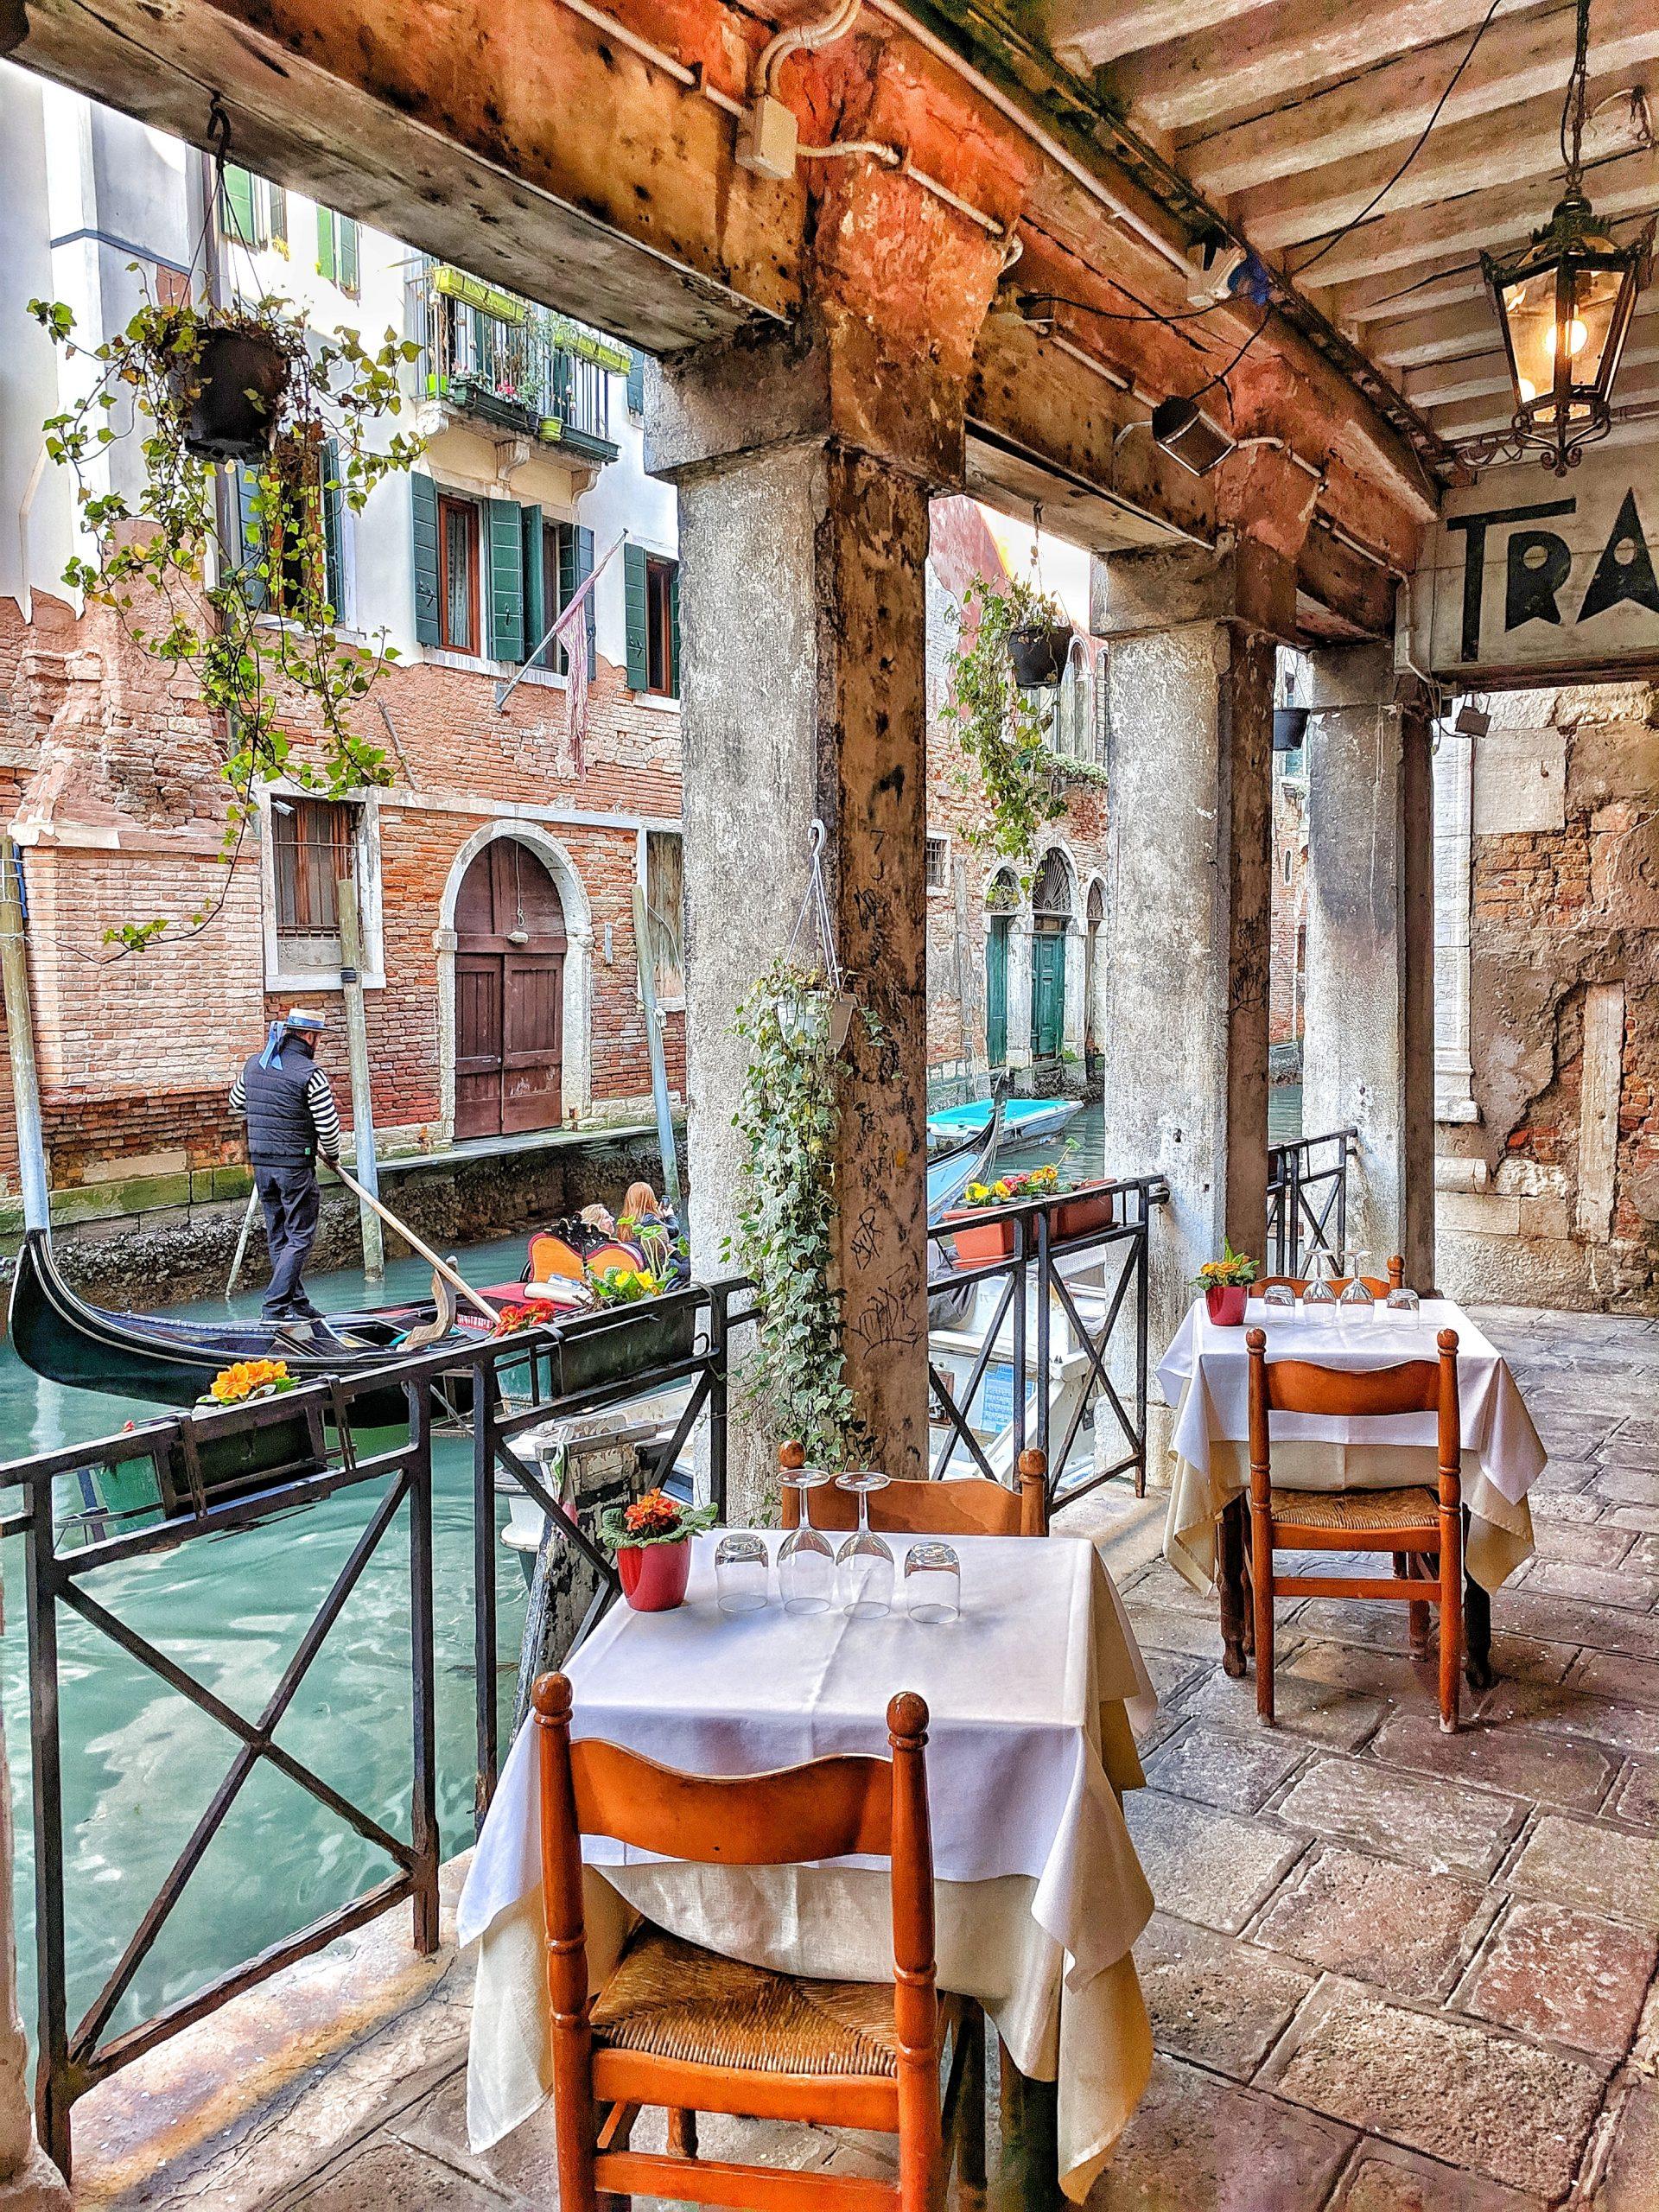 venecia scaled viajes a medida y viajes de novios